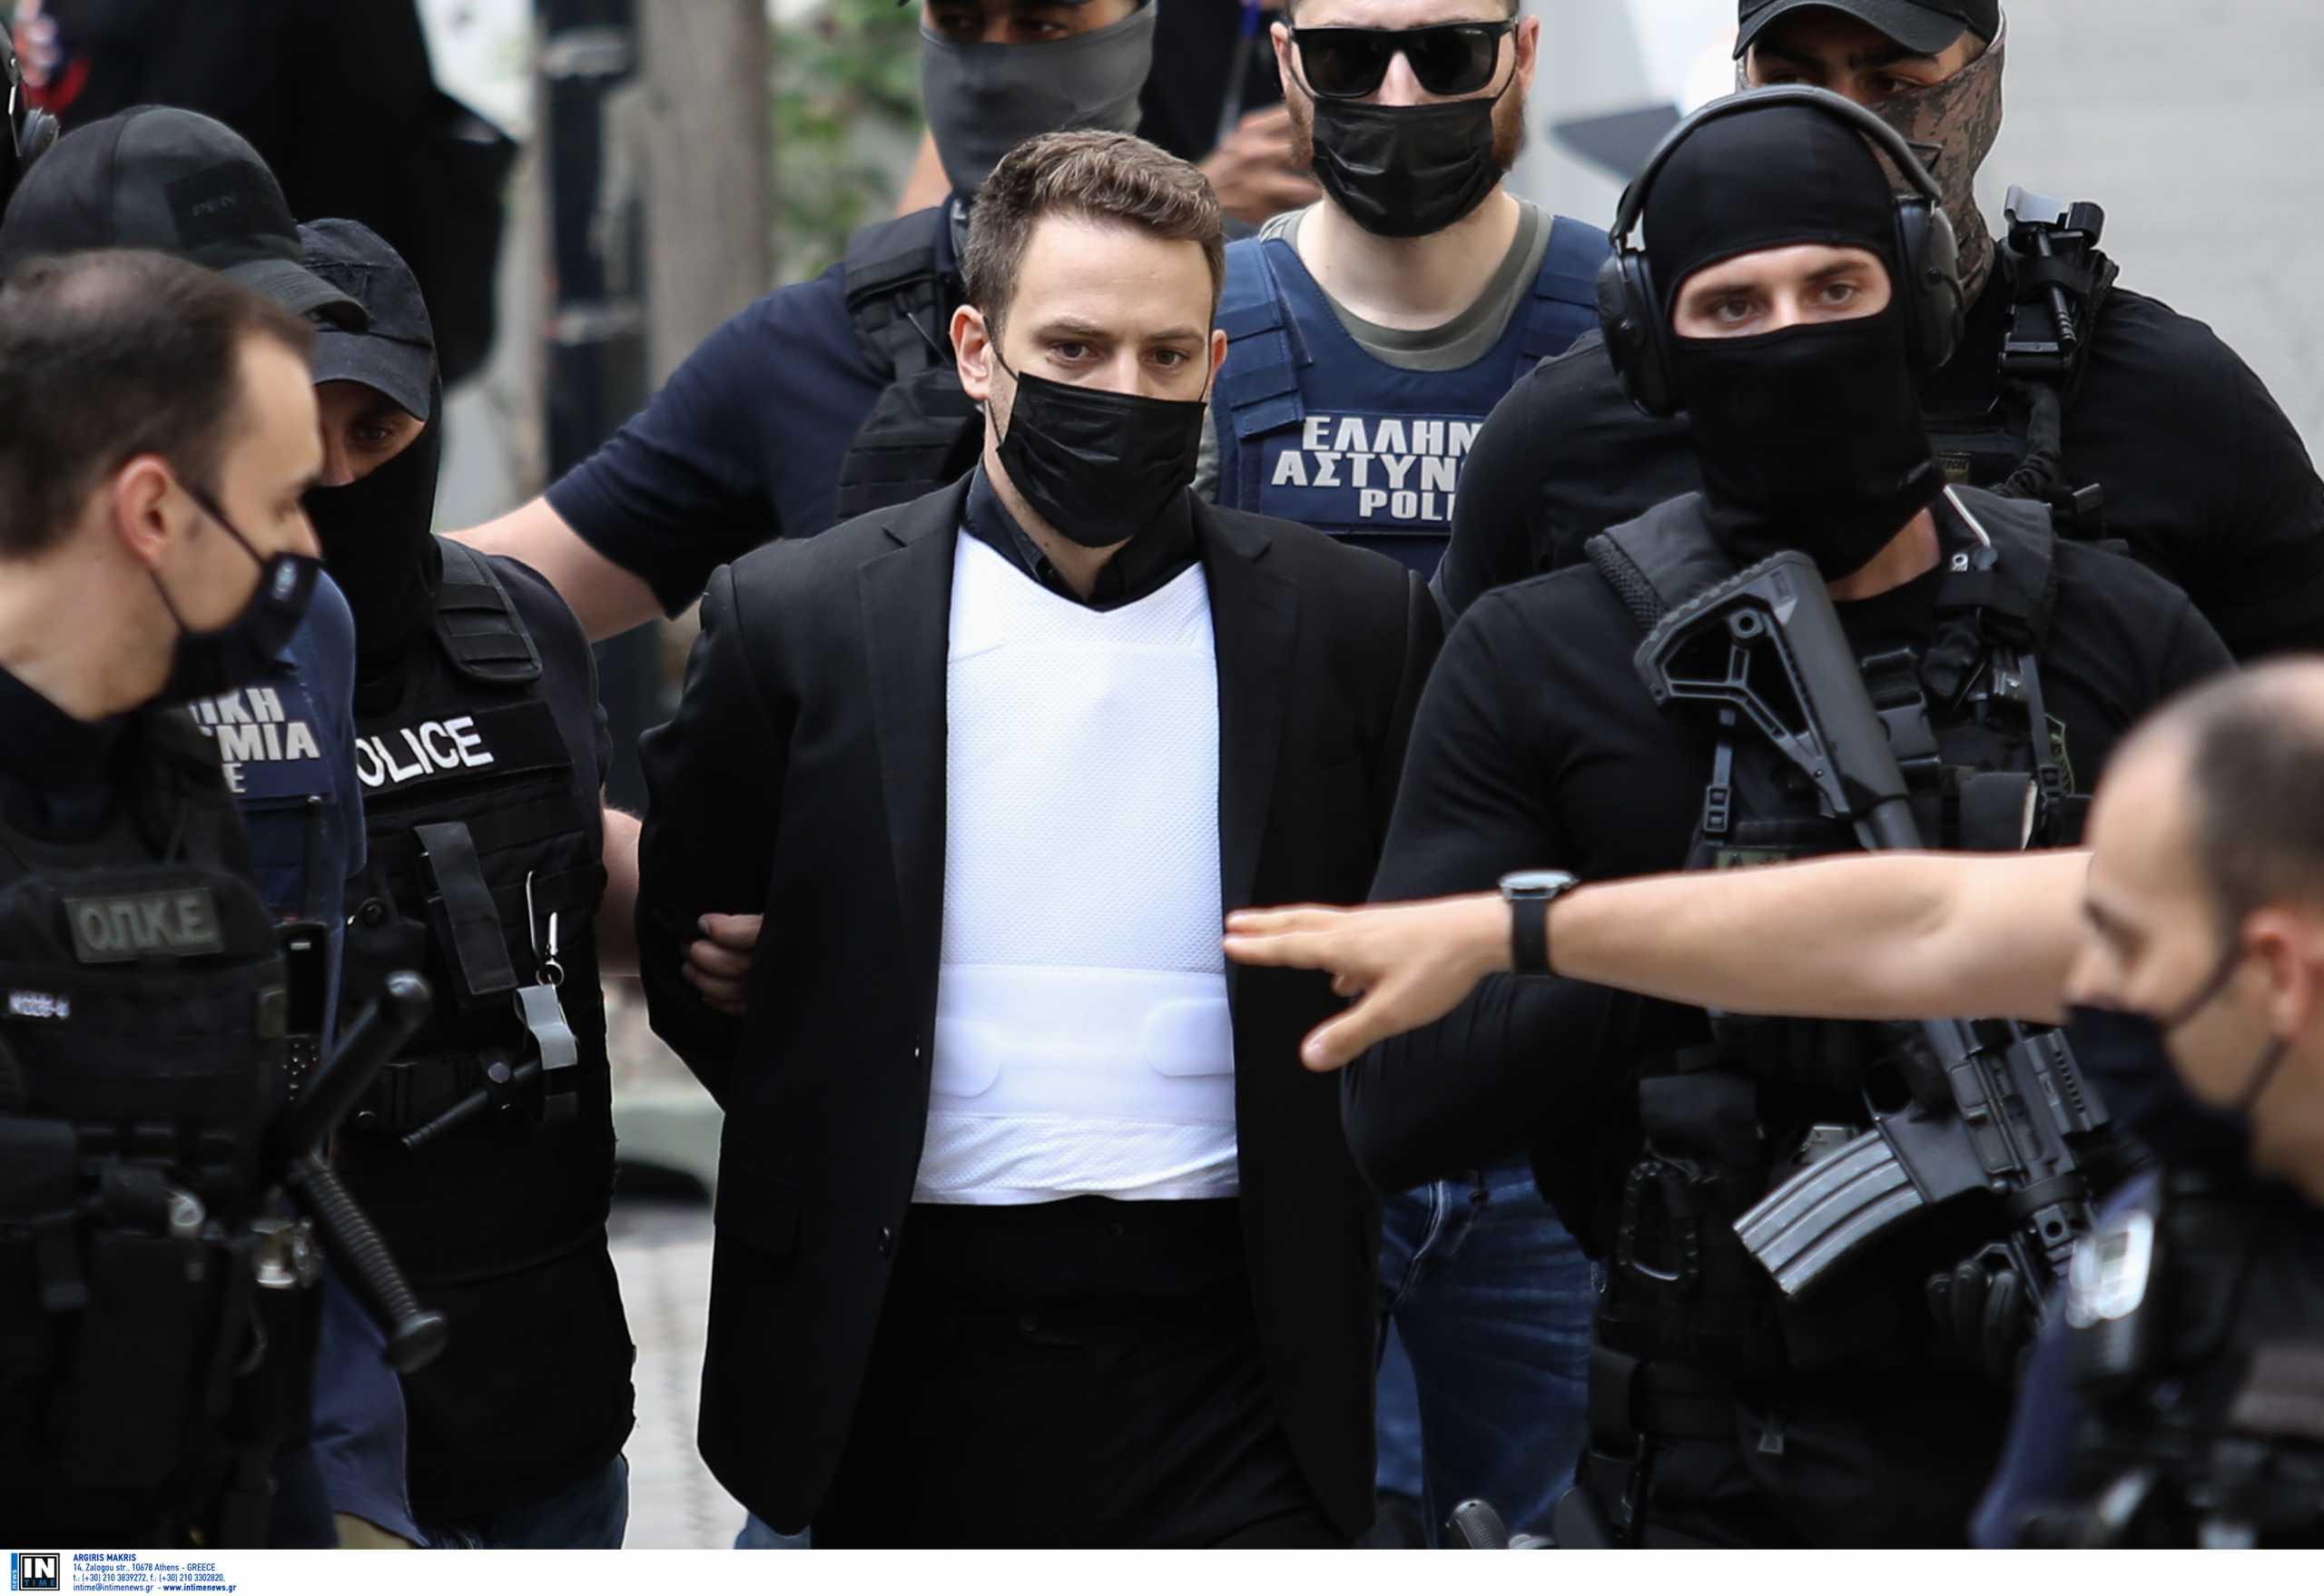 Γλυκά Νερά: Έτσι αιφνιδίασε και σκότωσε την Κάρολαϊν ο Μπάμπης Αναγνωστόπουλος